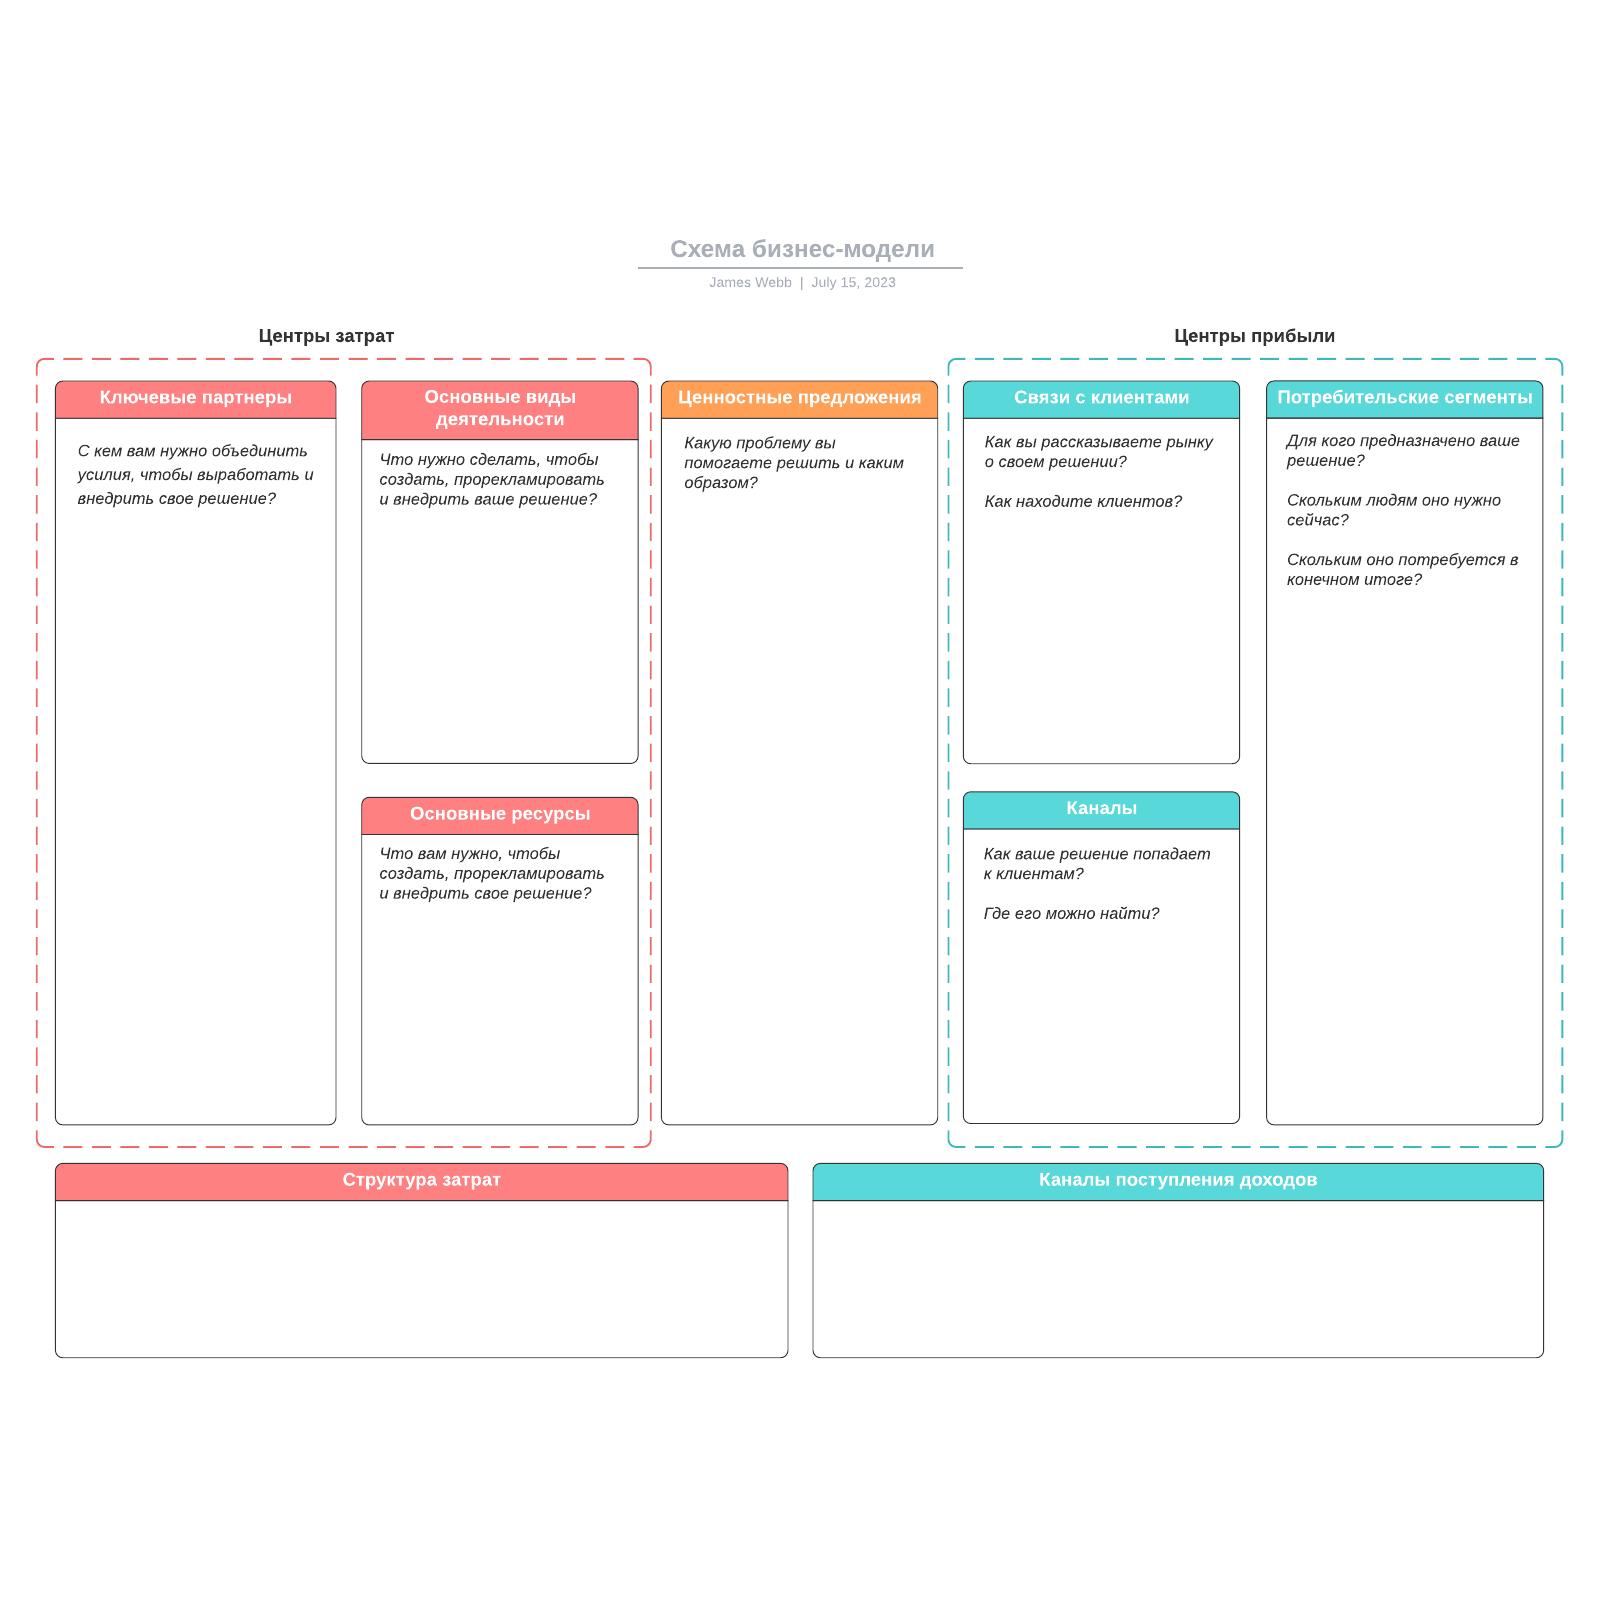 Схема бизнес-модели